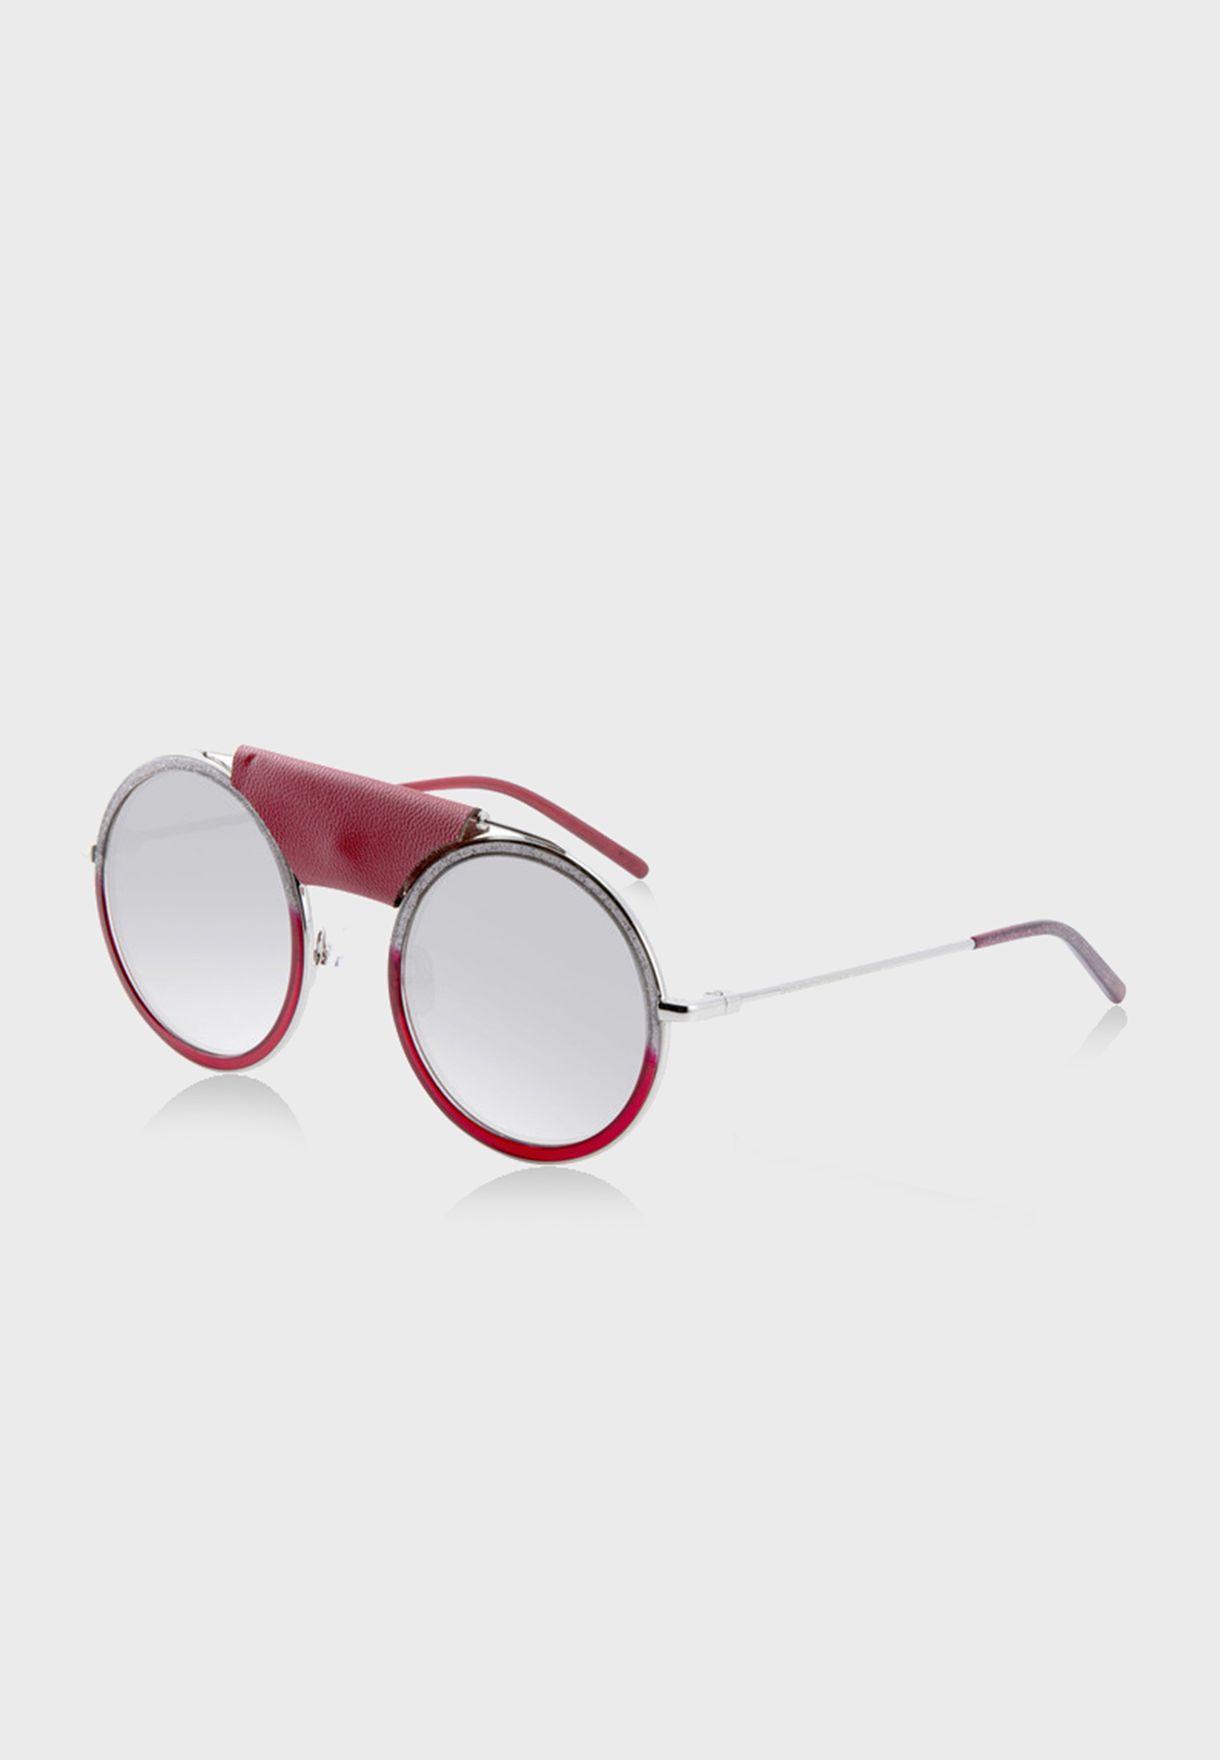 L SR778202 Round Sunglasses